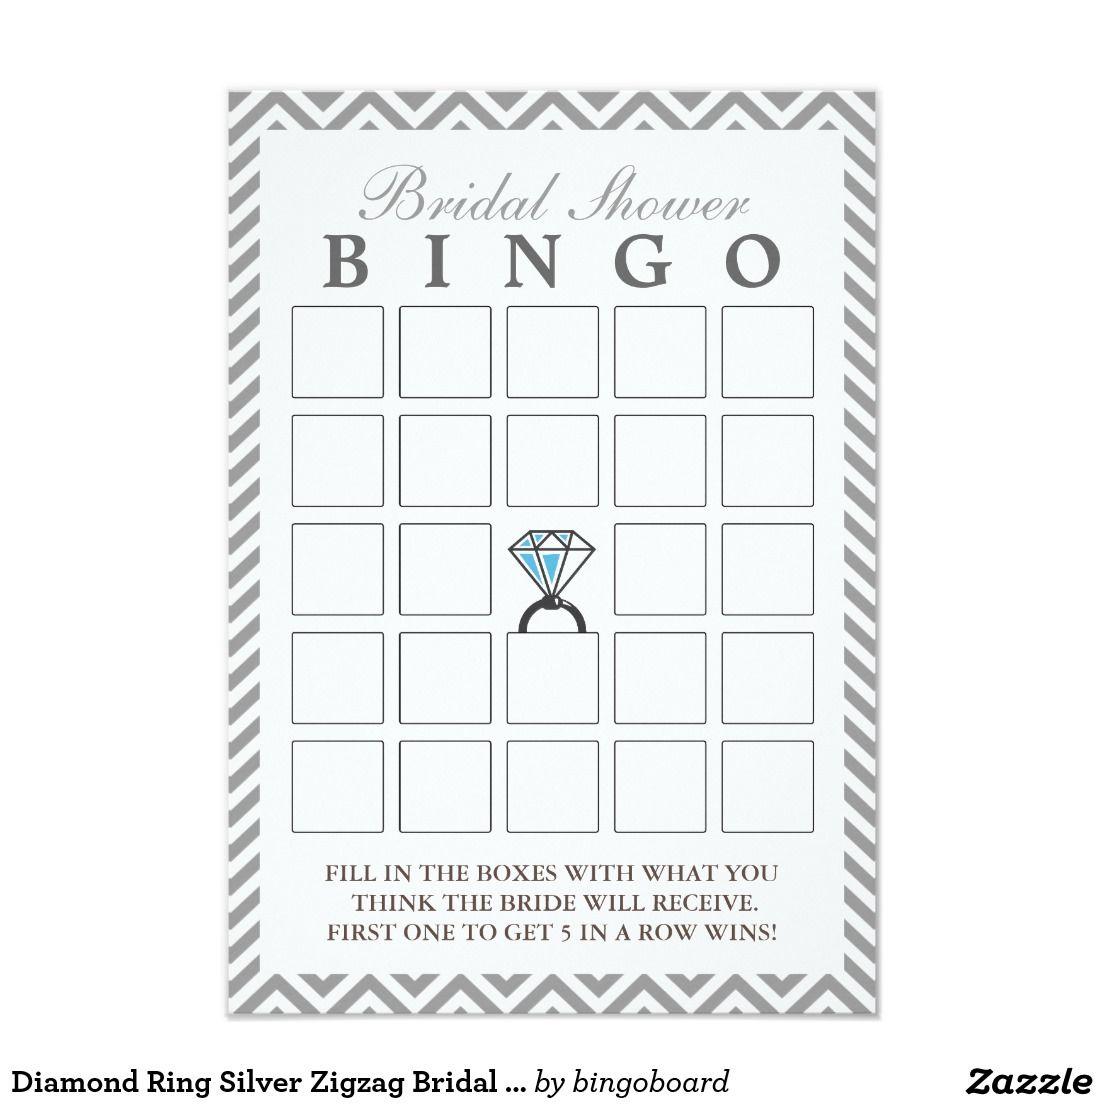 Lujo Plantilla De Bingo Nupcial Ideas - Colección De Plantillas De ...